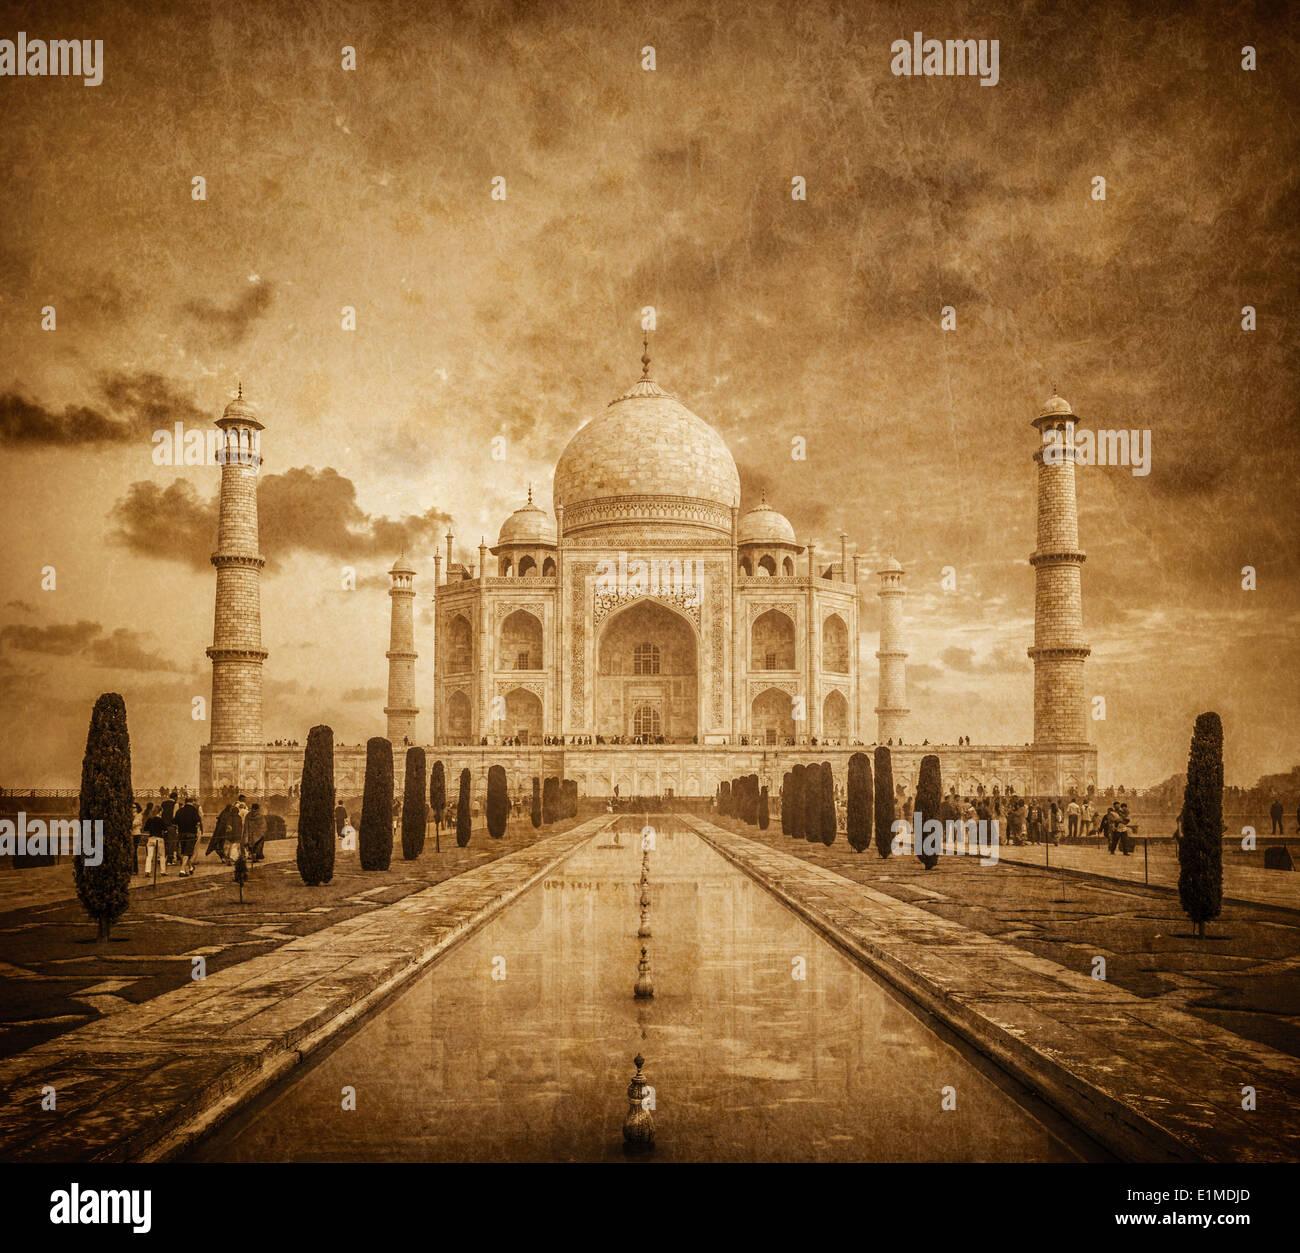 Taj Mahal Vintage Bild. Indischen Symbol - Indien Reisen Hintergrund. Agra, Uttar Pradesh, Indien Stockbild